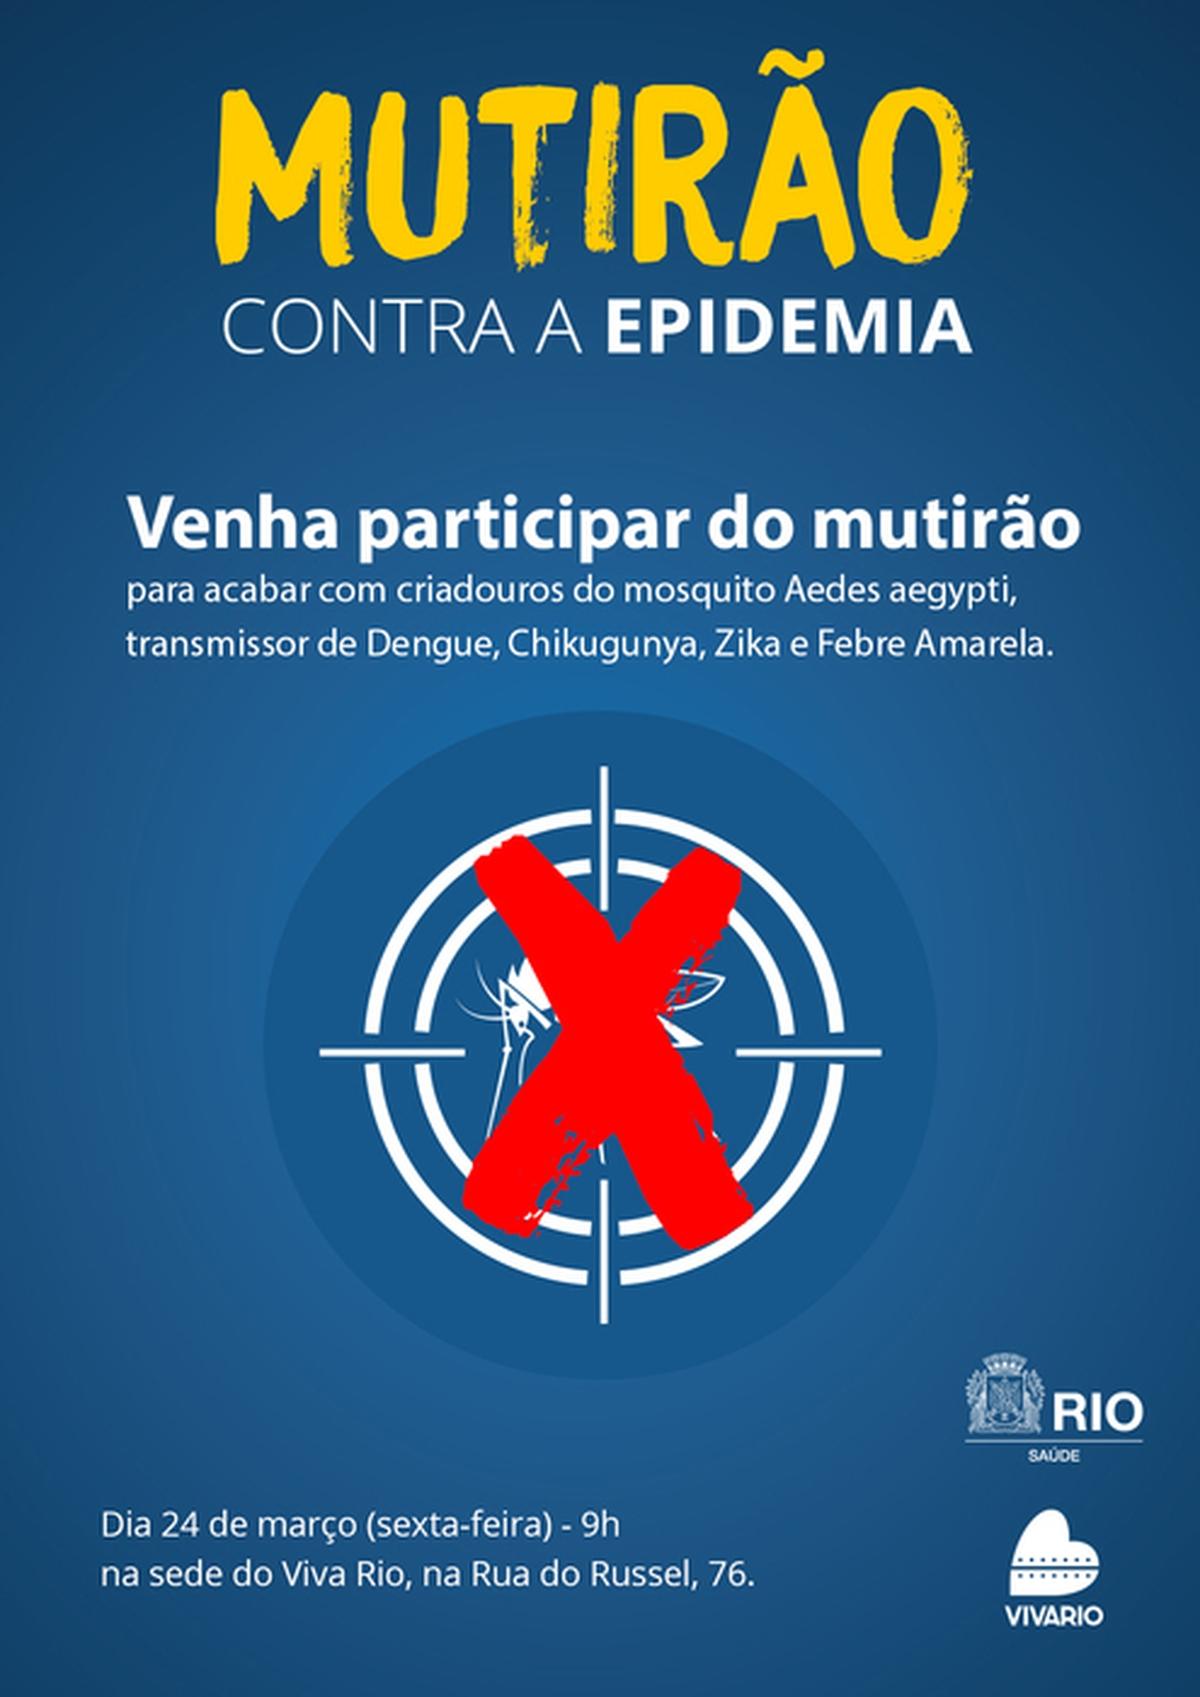 Mutirão Contra a Epidemia